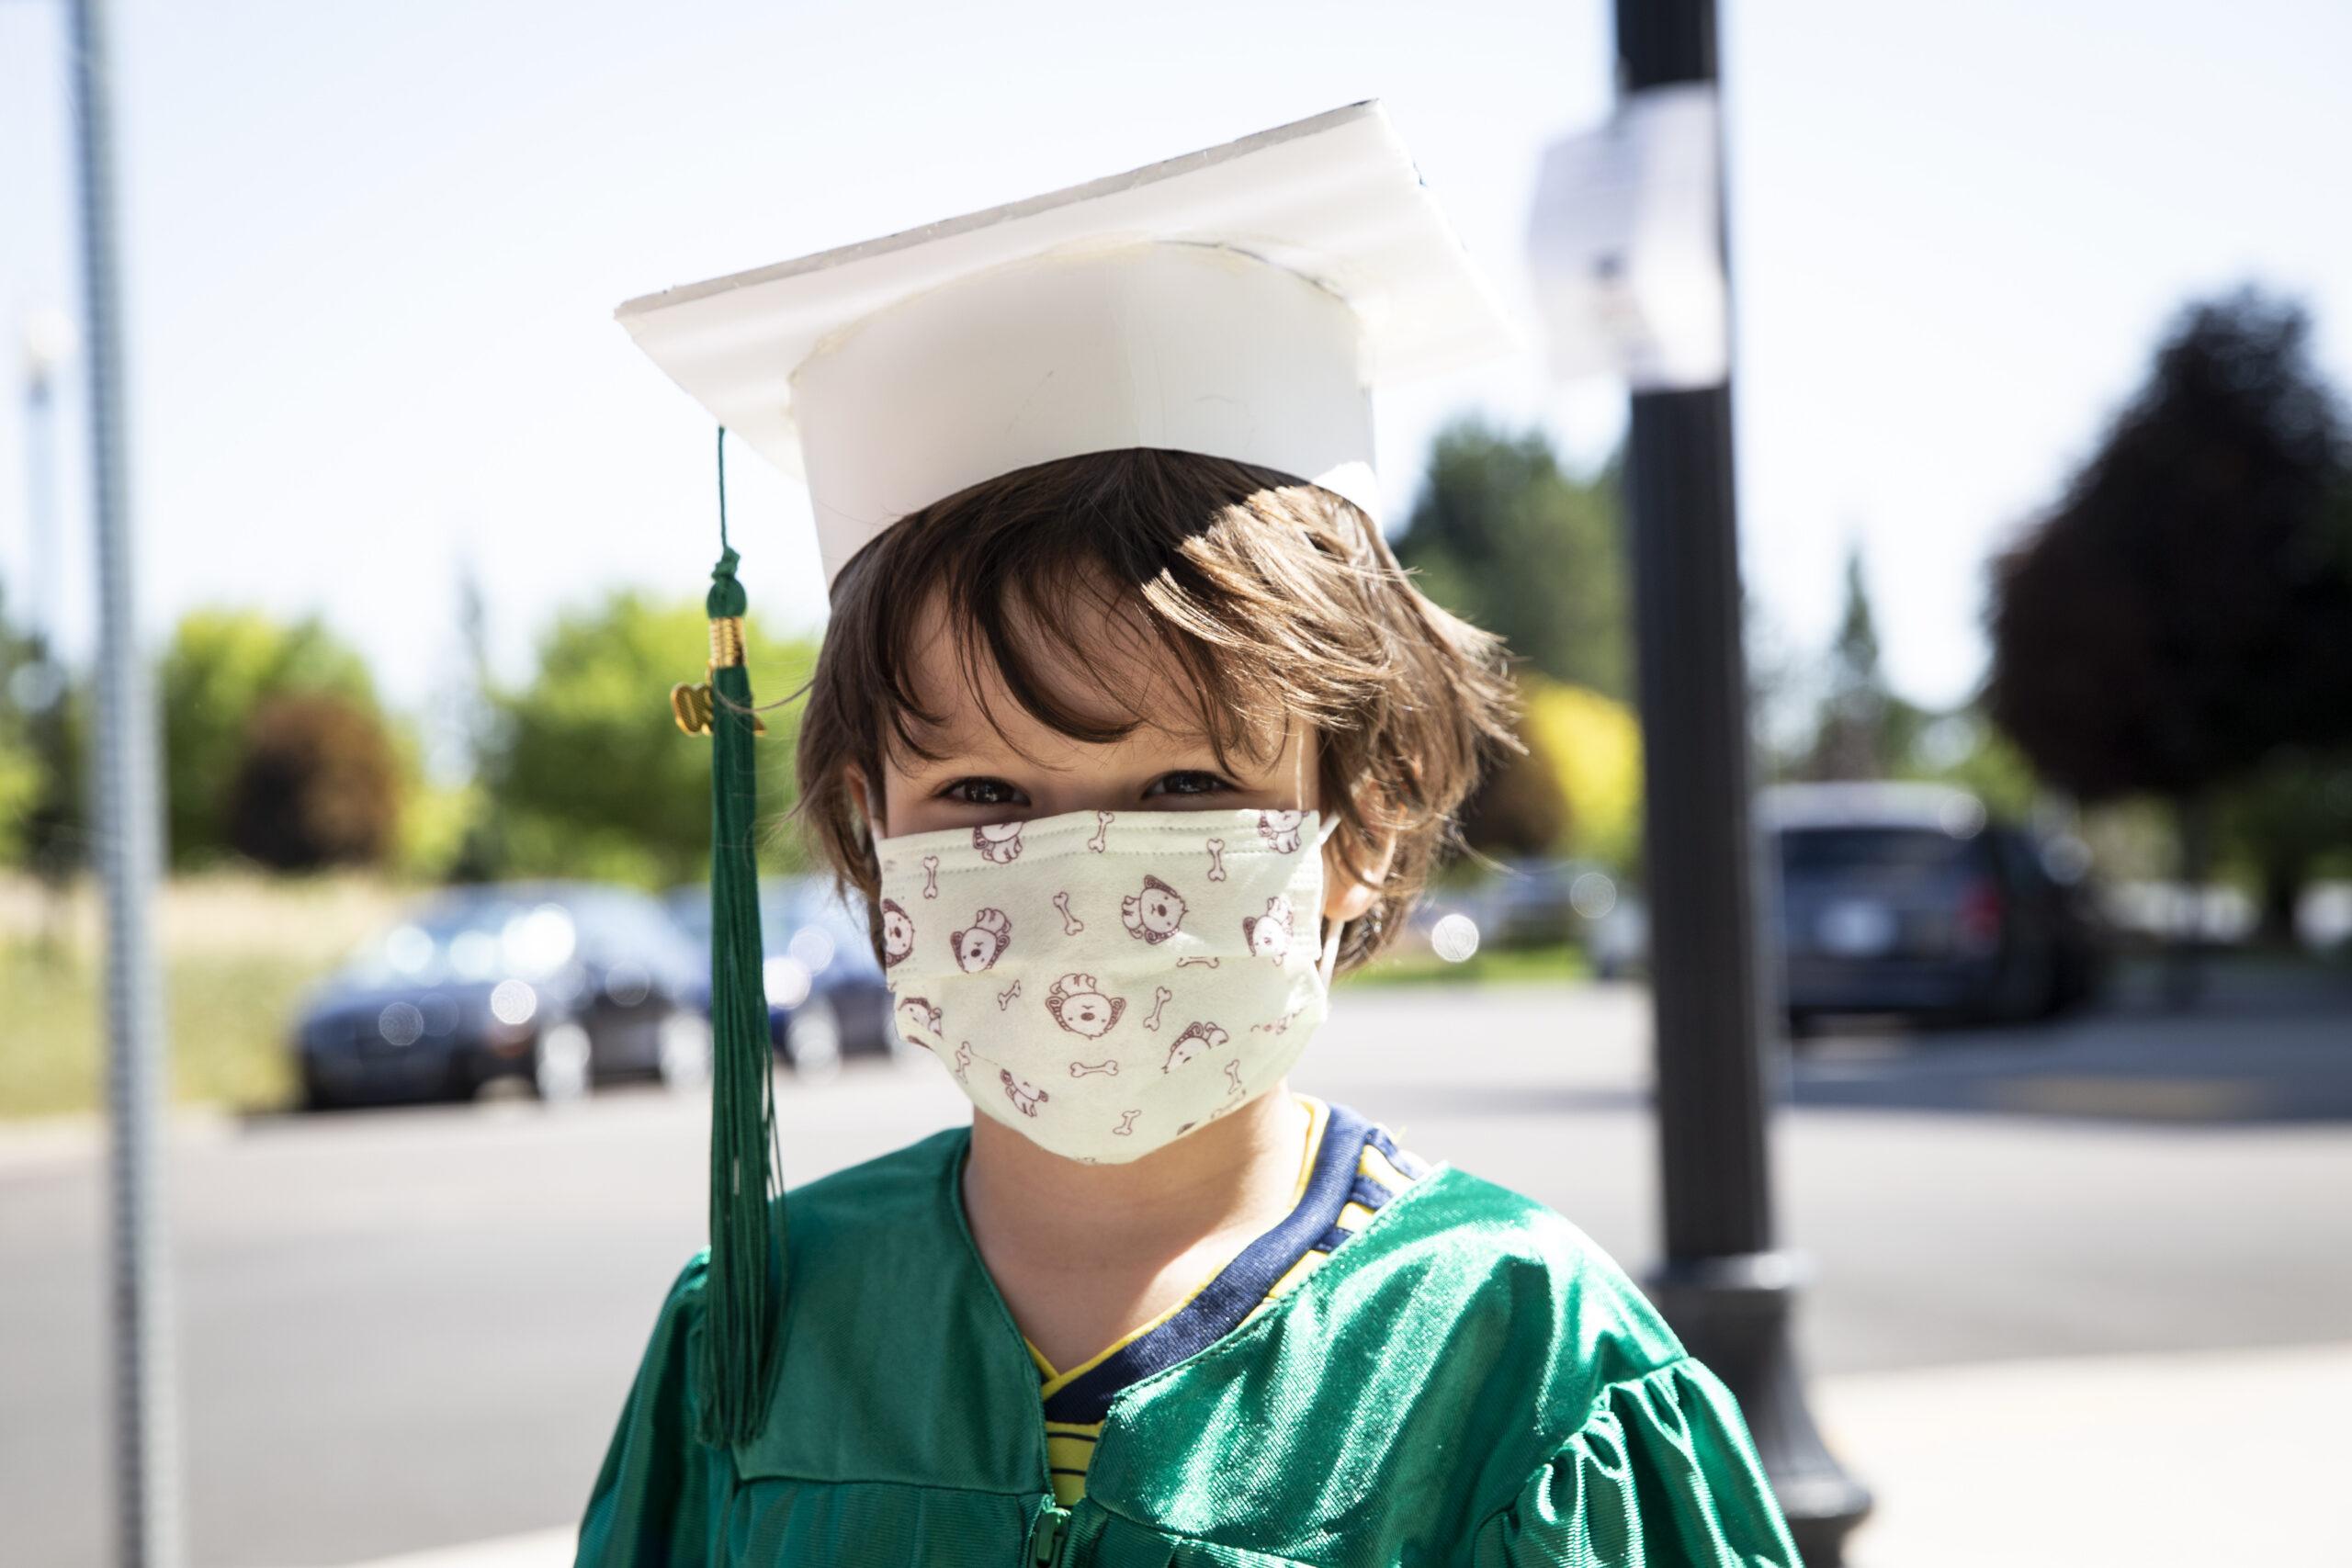 The Kozy Kids preschool graduation was held on Friday, July 31, 2020 in Beaverton, Oregon.